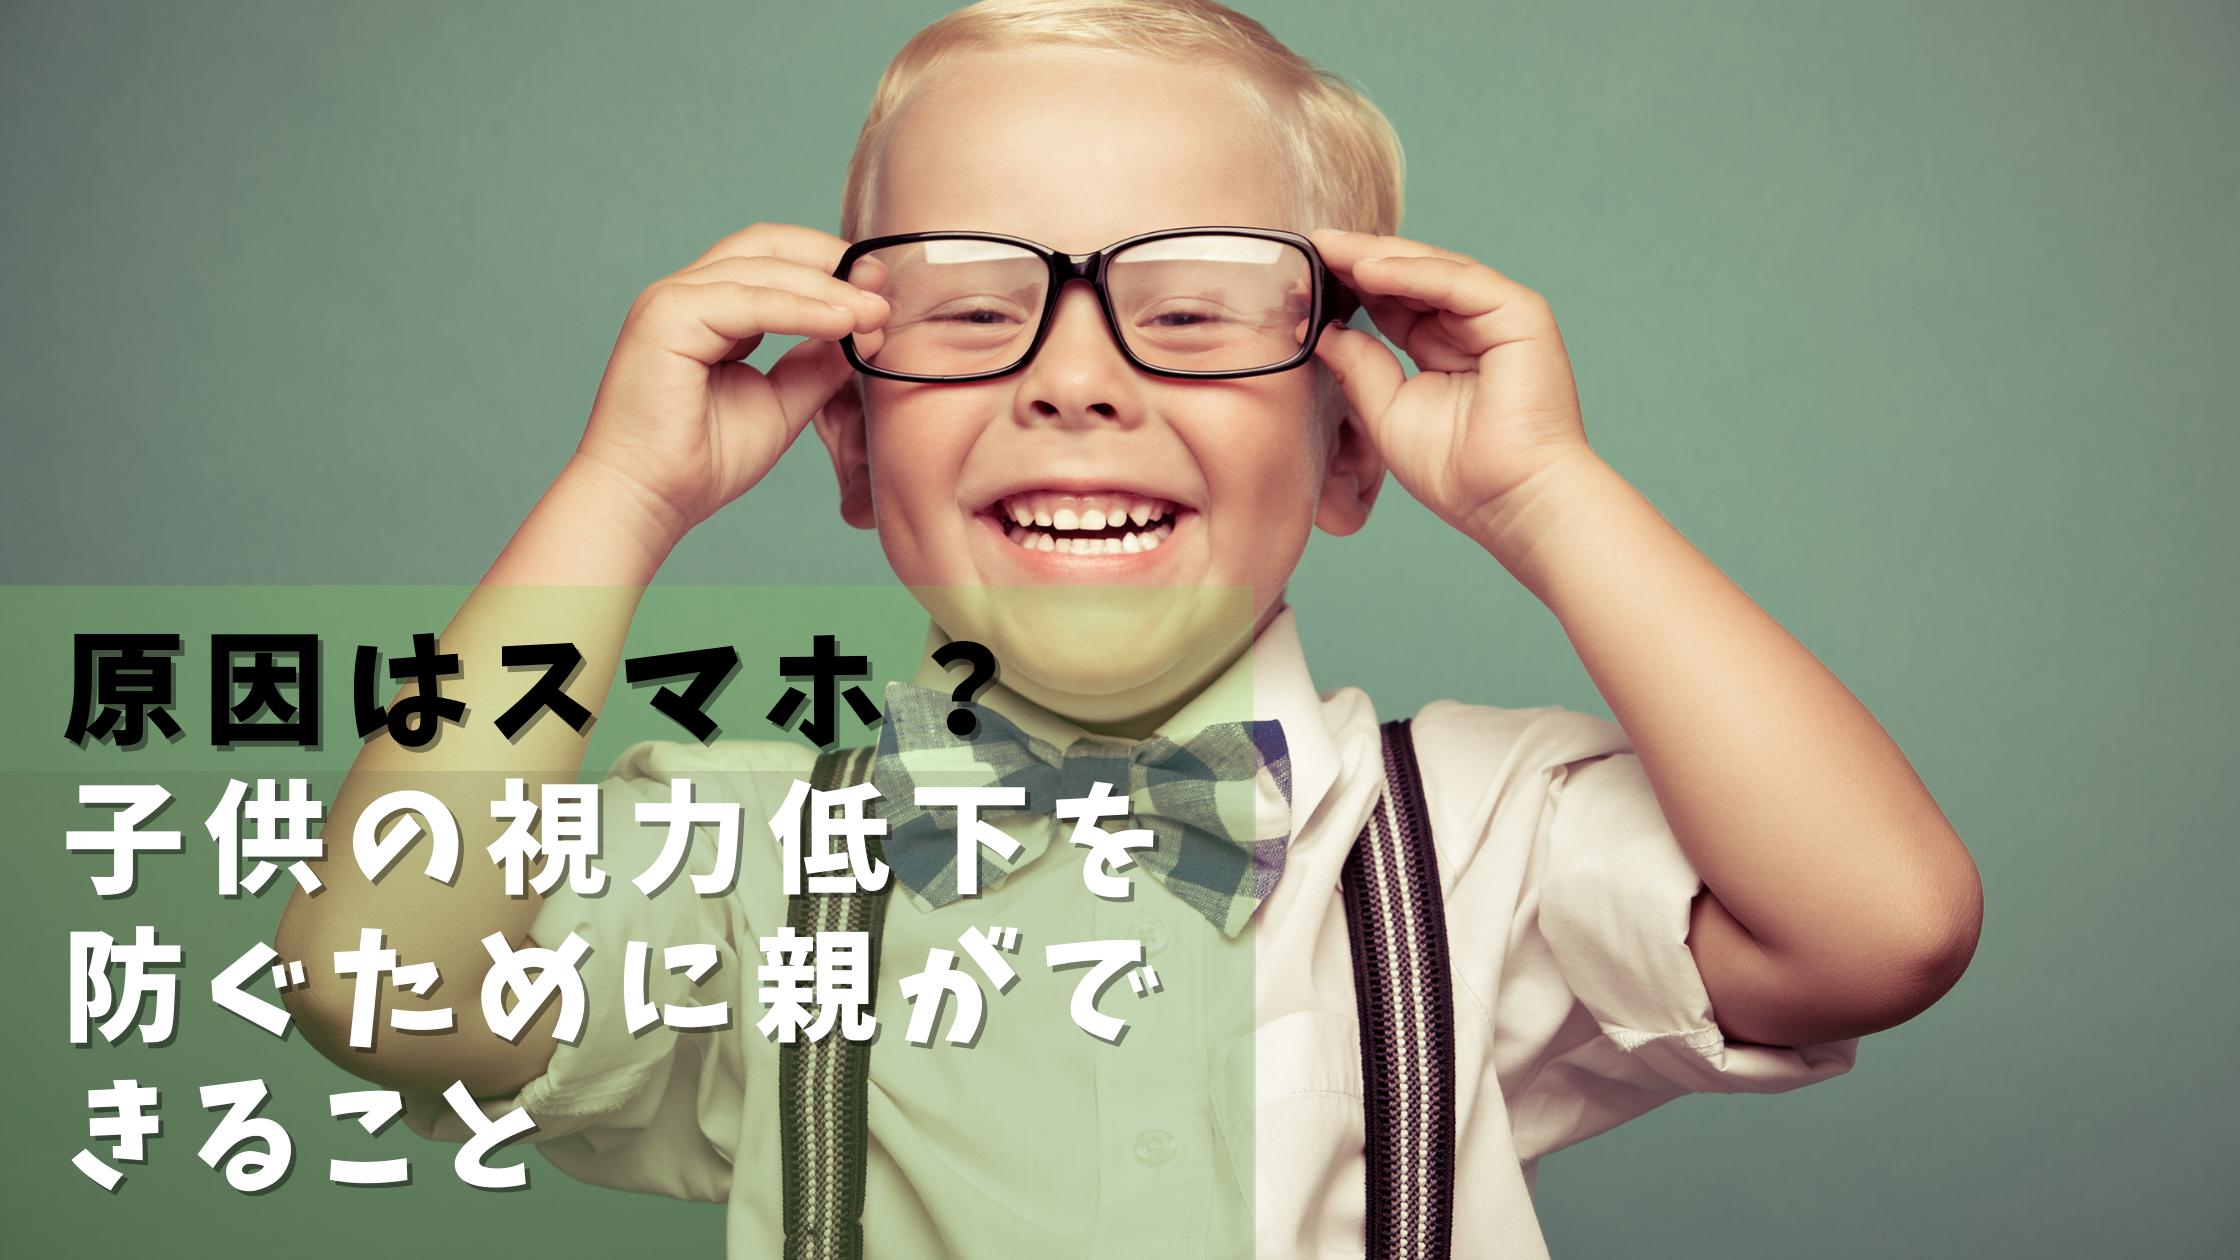 原因はスマホの使いすぎ? 子供の視力低下を防ぐために親ができること